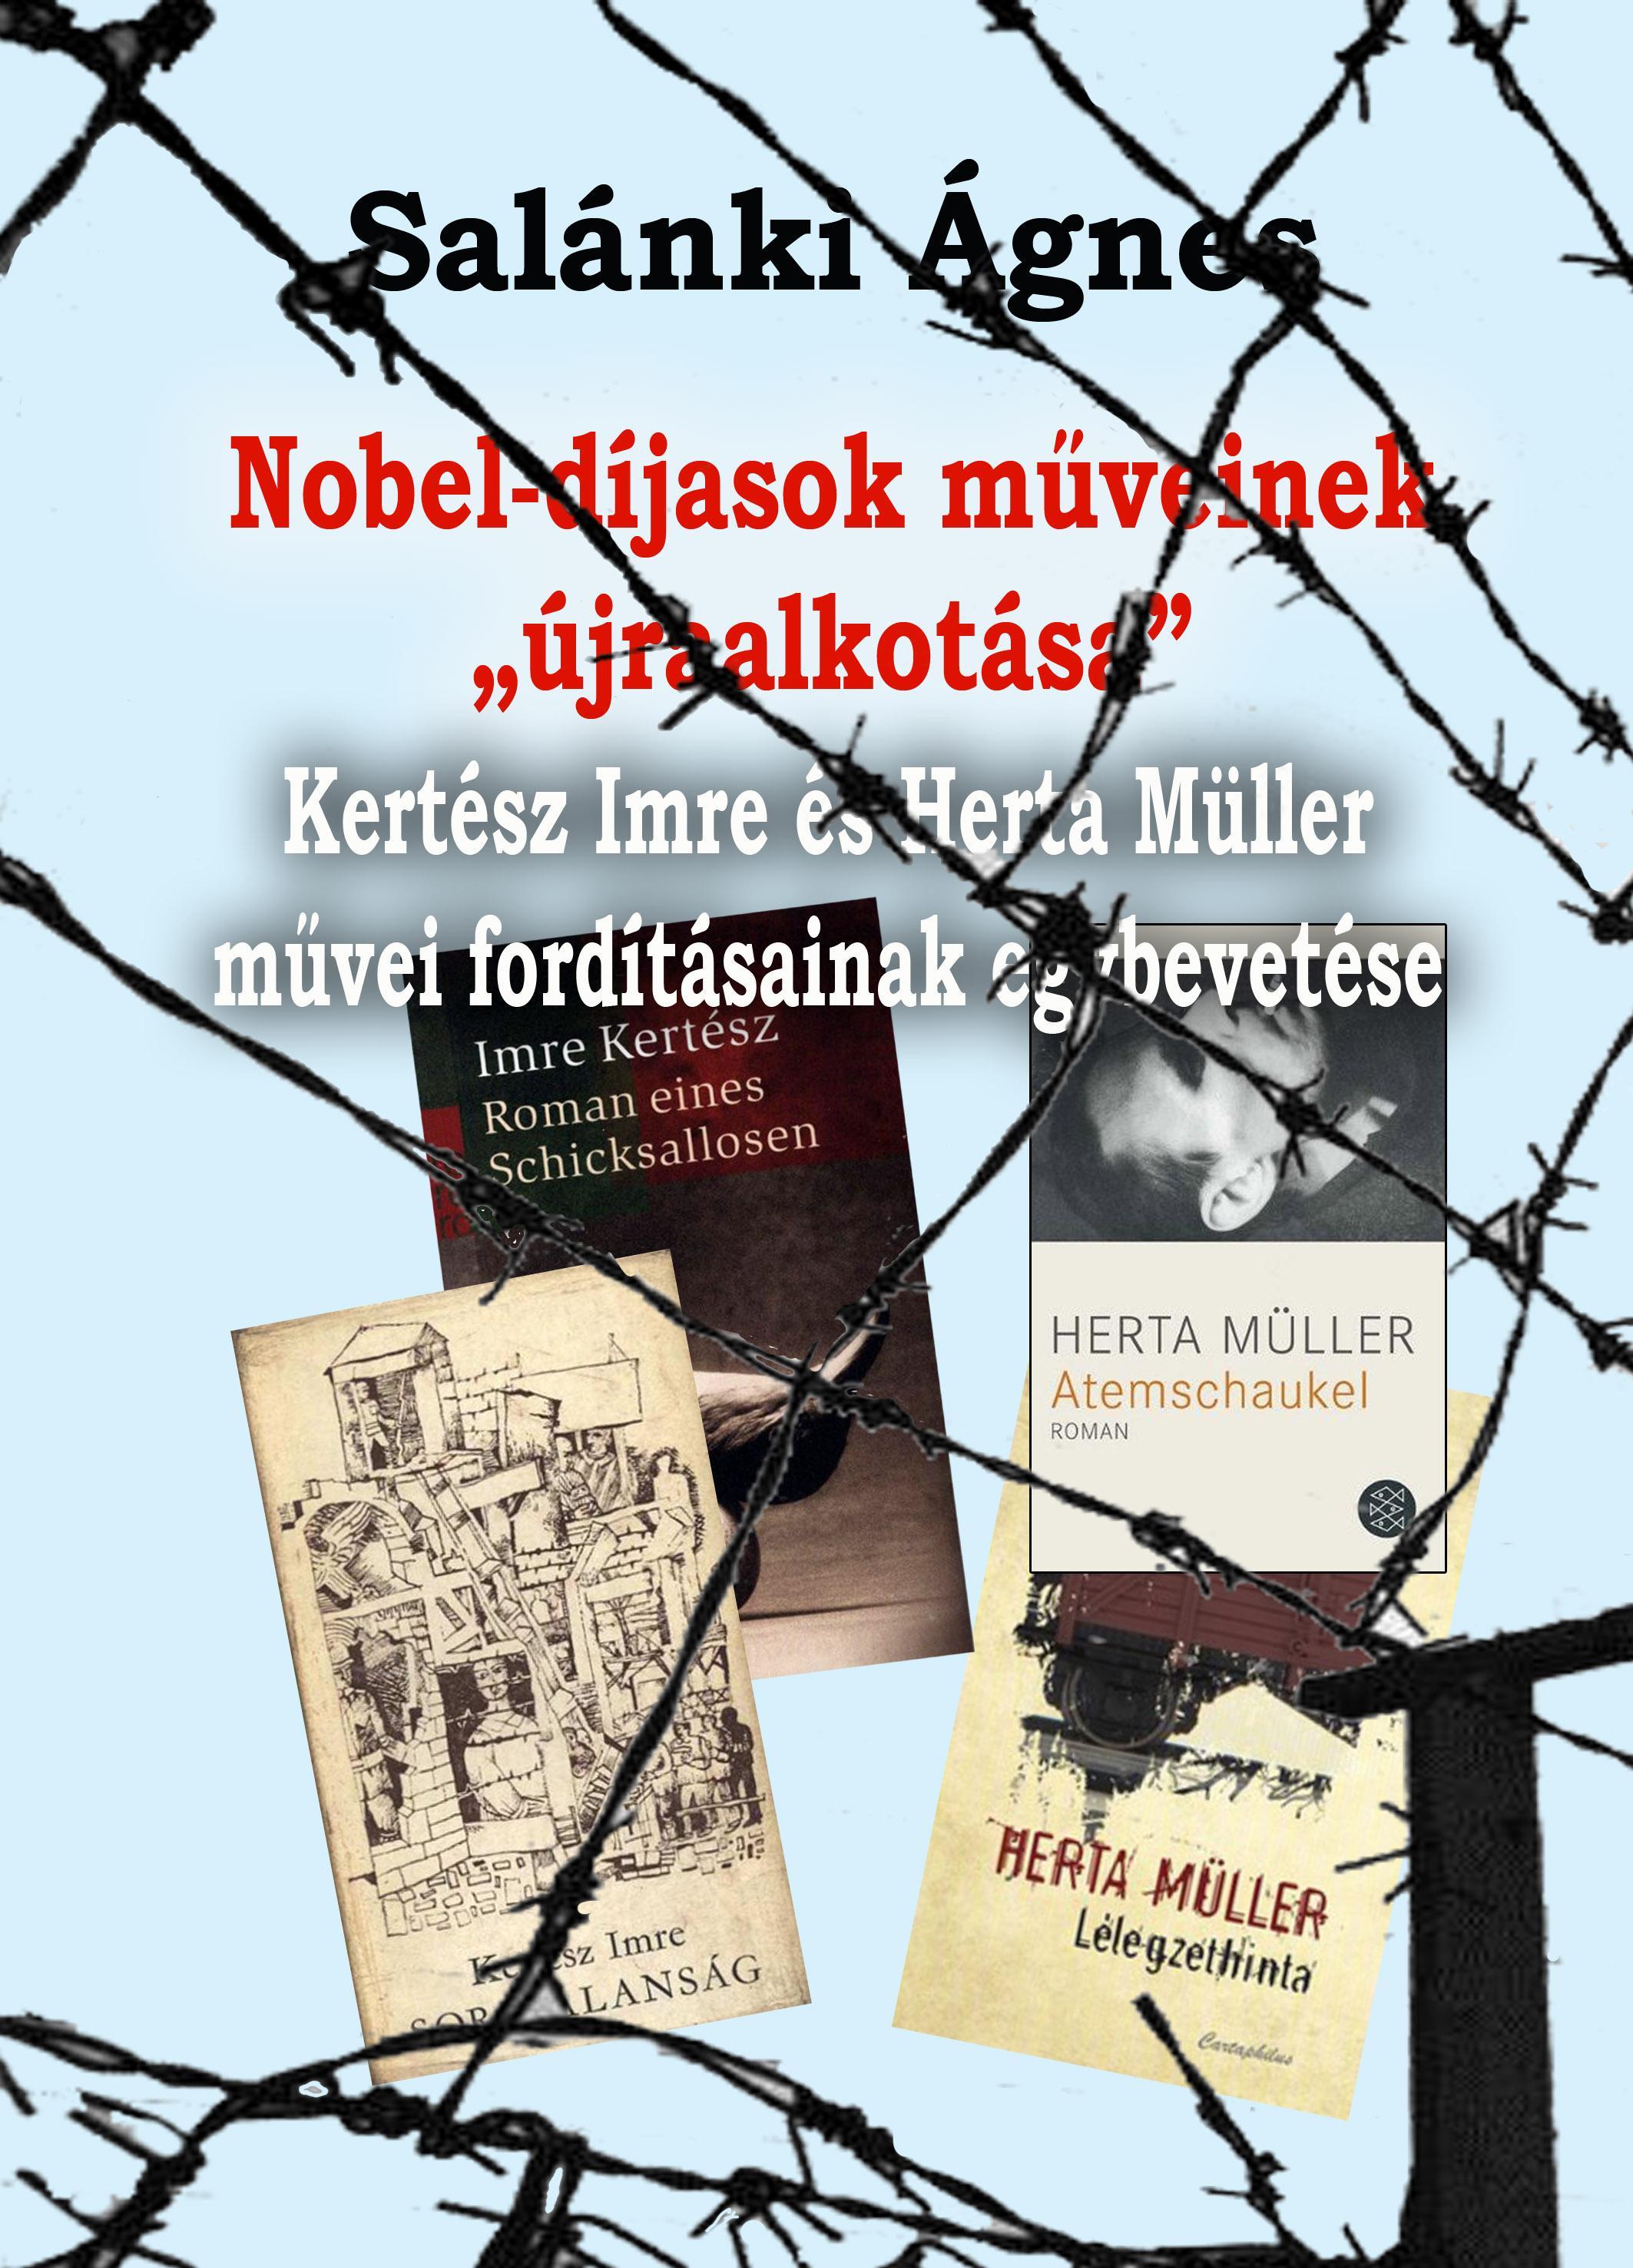 """NOBEL-DÍJASOK MŰVEINEK """"ÚJRAALKOTÁSA"""" - KERTÉSZ IMRE ÉS HERTA MÜLLER MŰVEI FORD."""